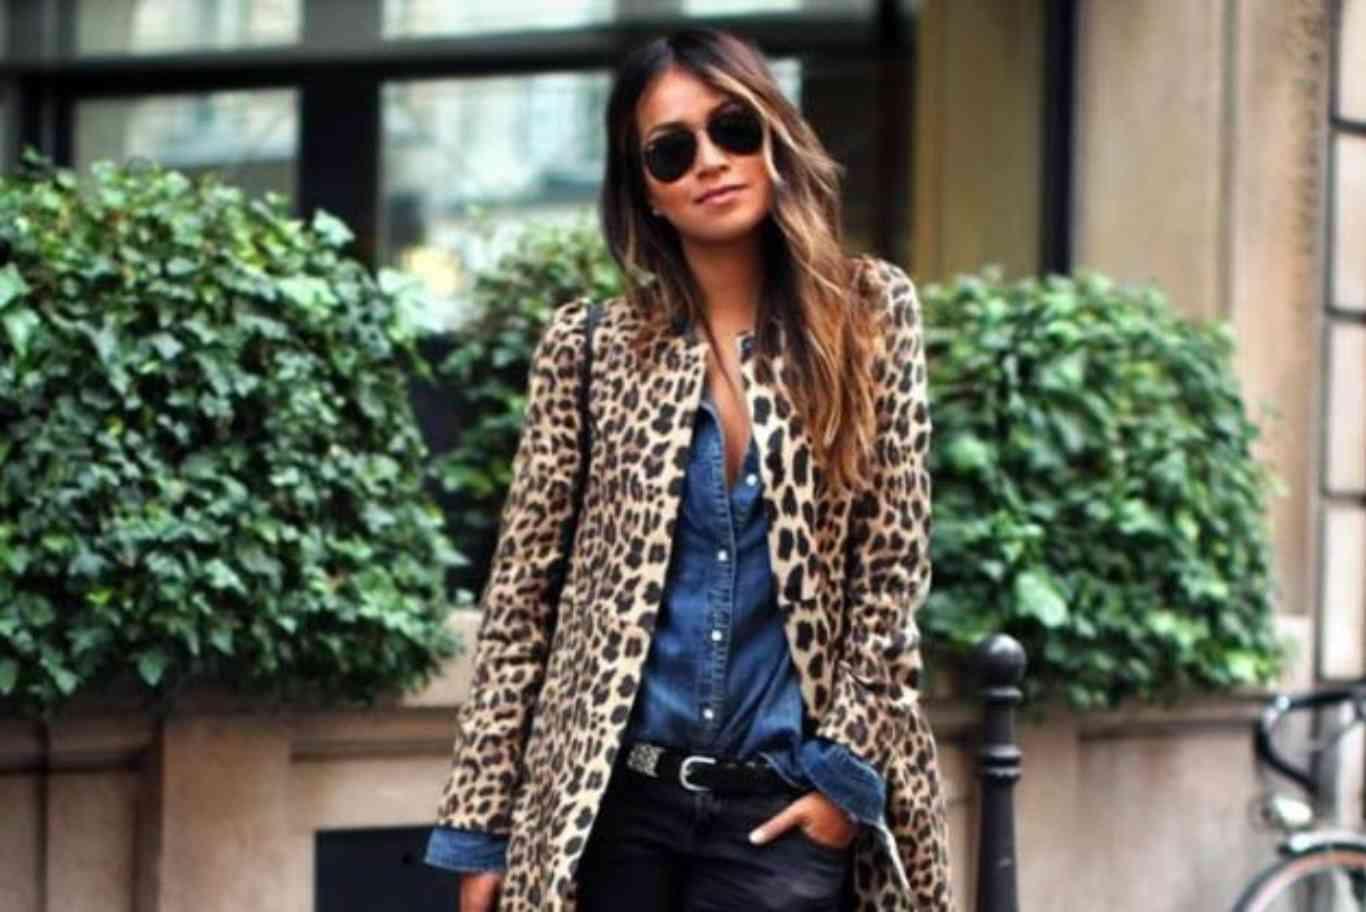 Cón qué combina un abrigo de leopardo? - Dream Alcalá